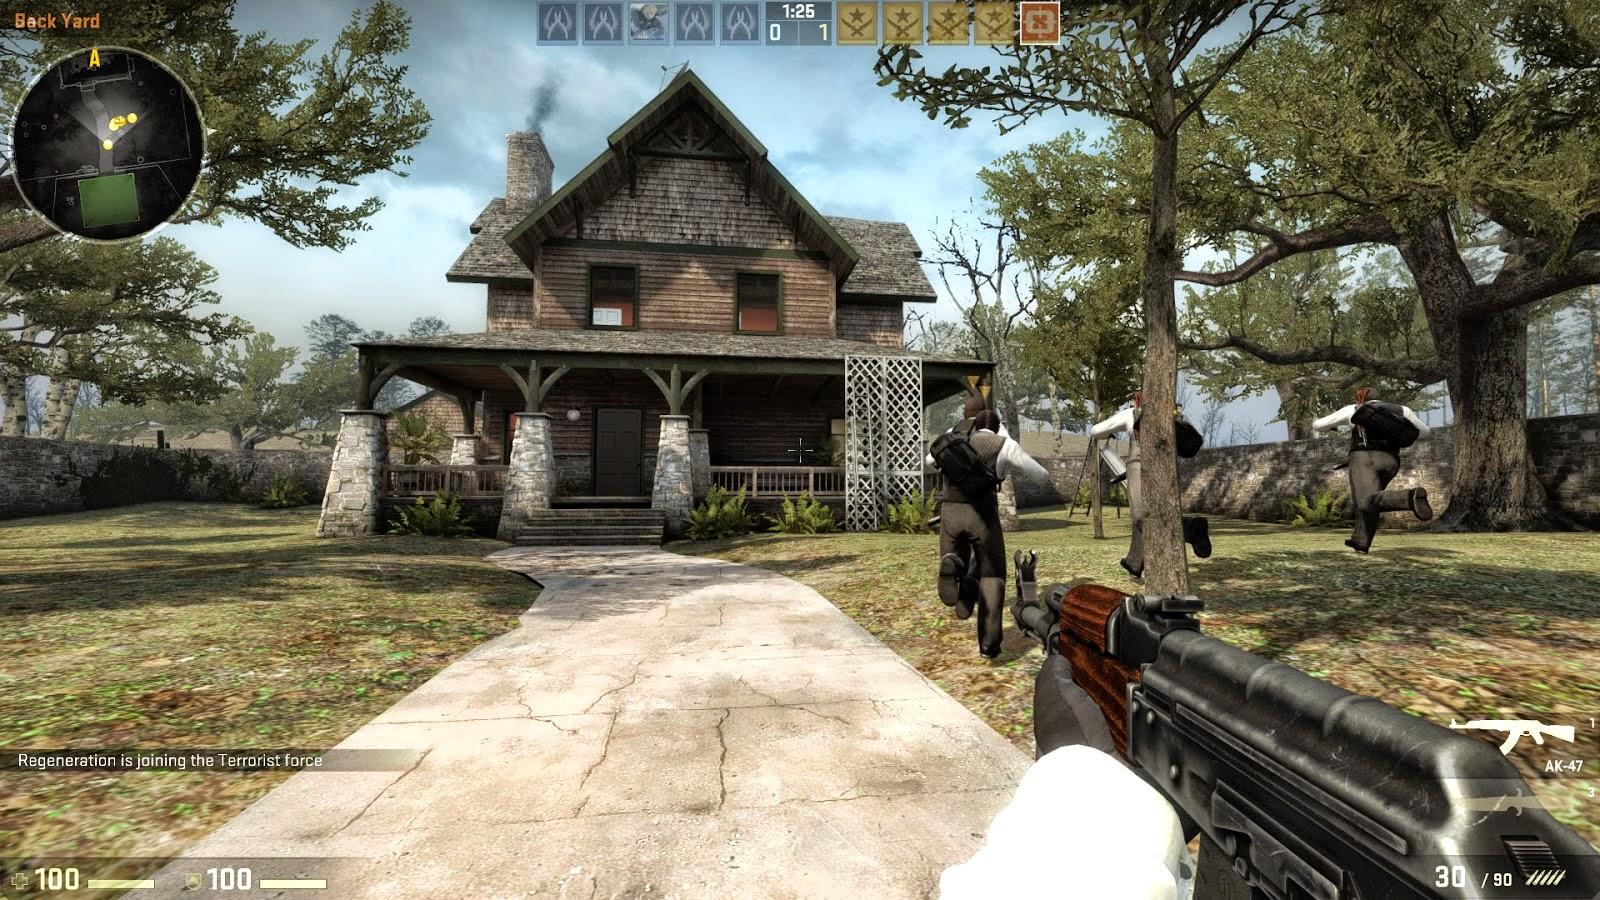 تحميل لعبة الأكشن و الإثارة Counter-Strike Global Offensive 22